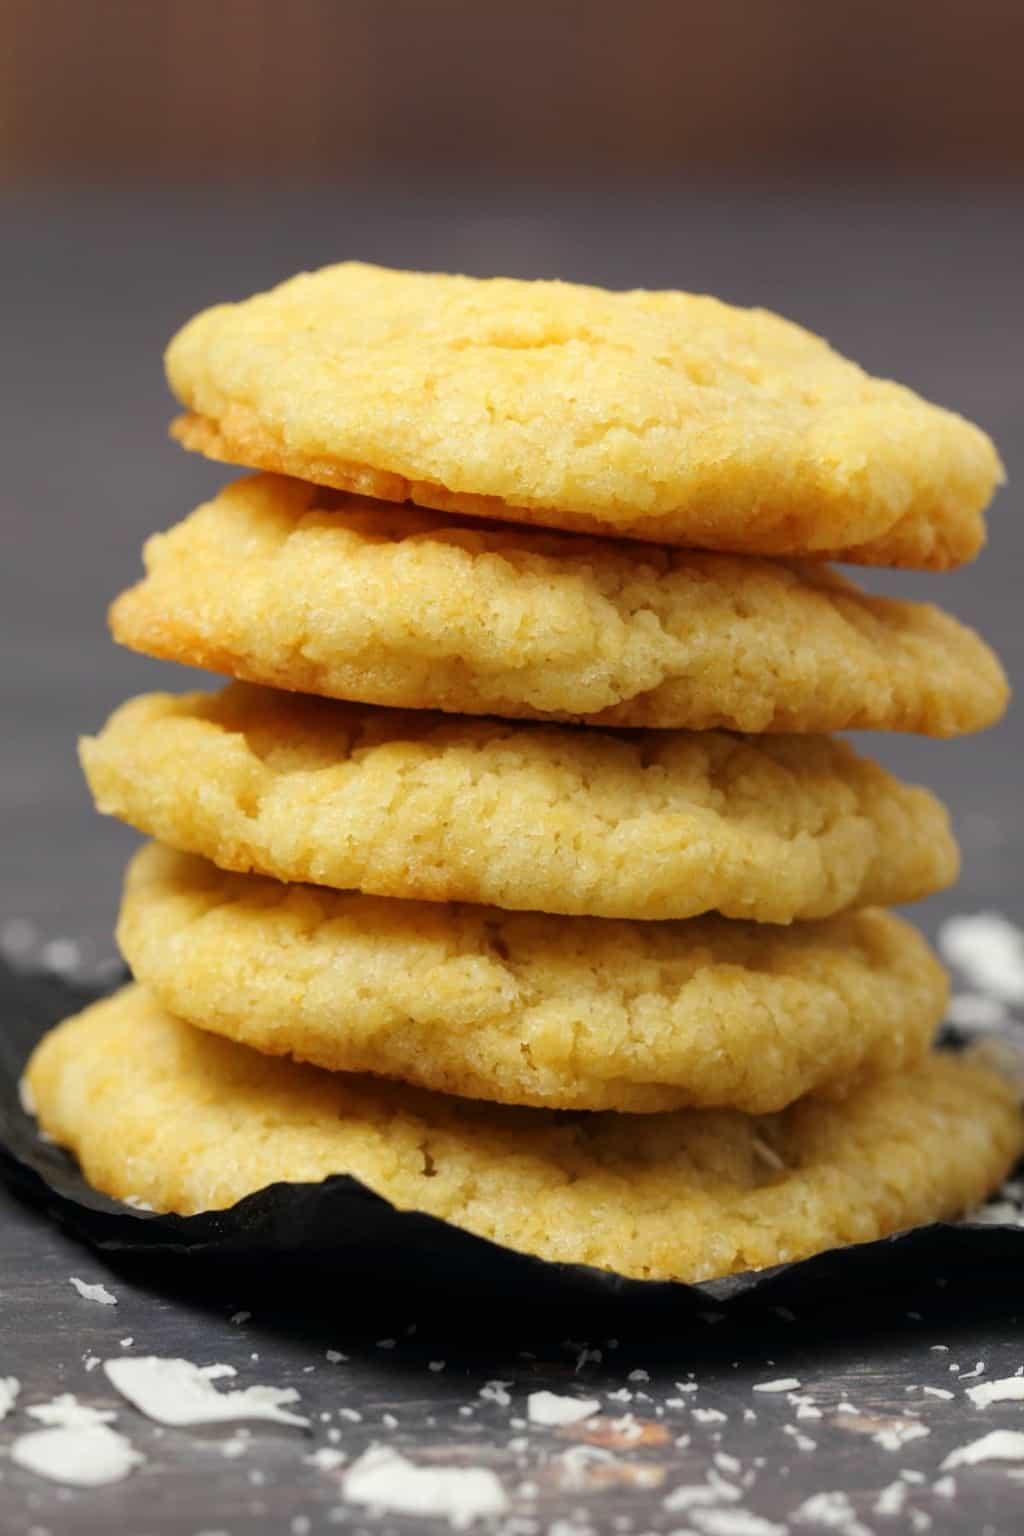 Vegan Coconut Cookies Recipes  Vegan Coconut Cookies Recipes